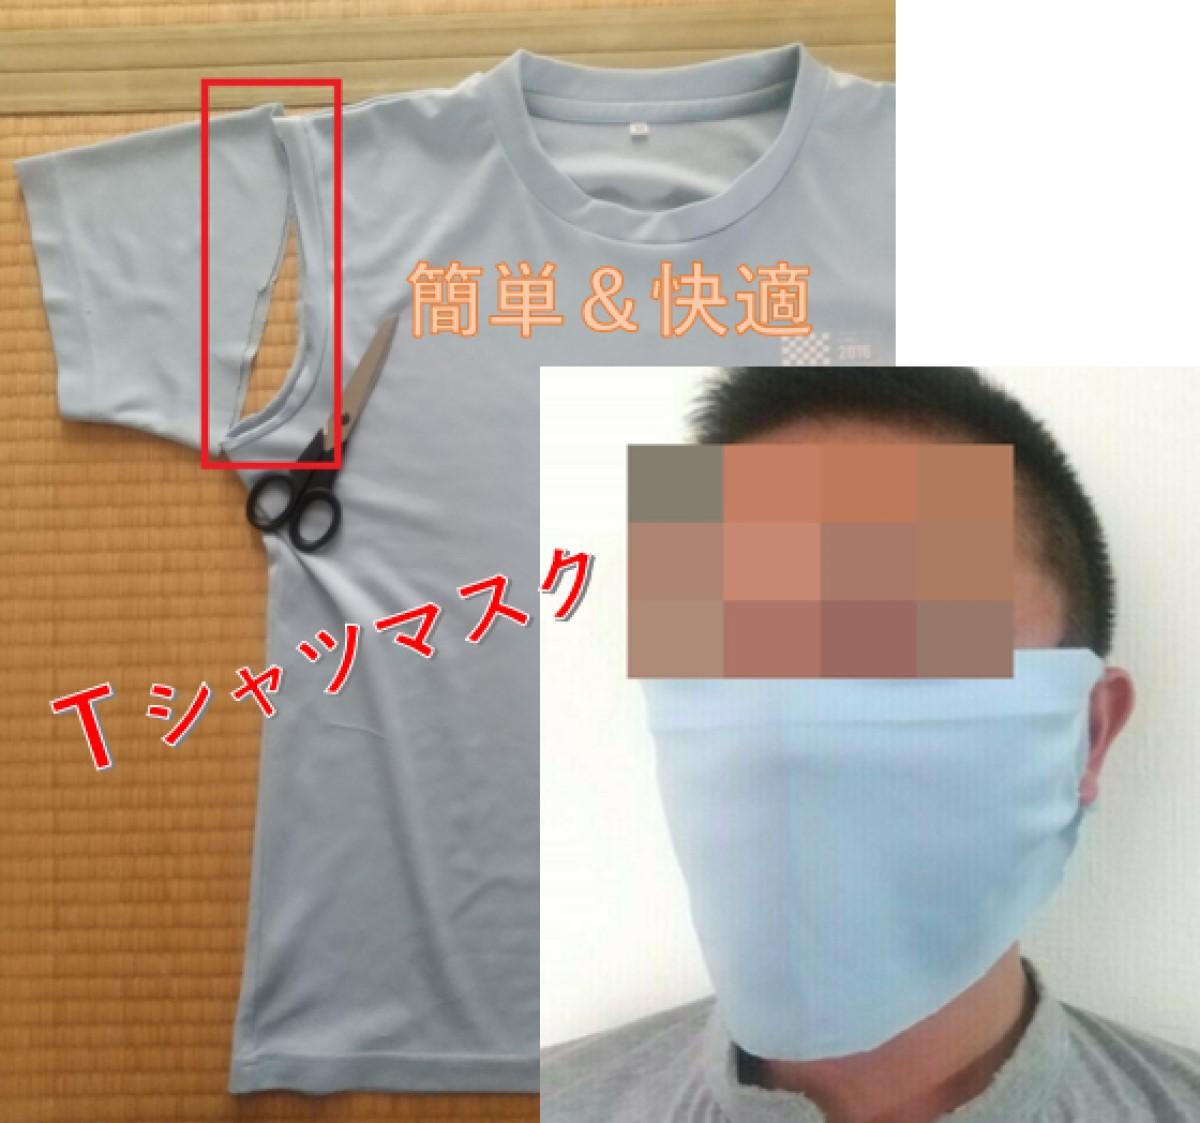 Tシャツの袖でマスクが出来る